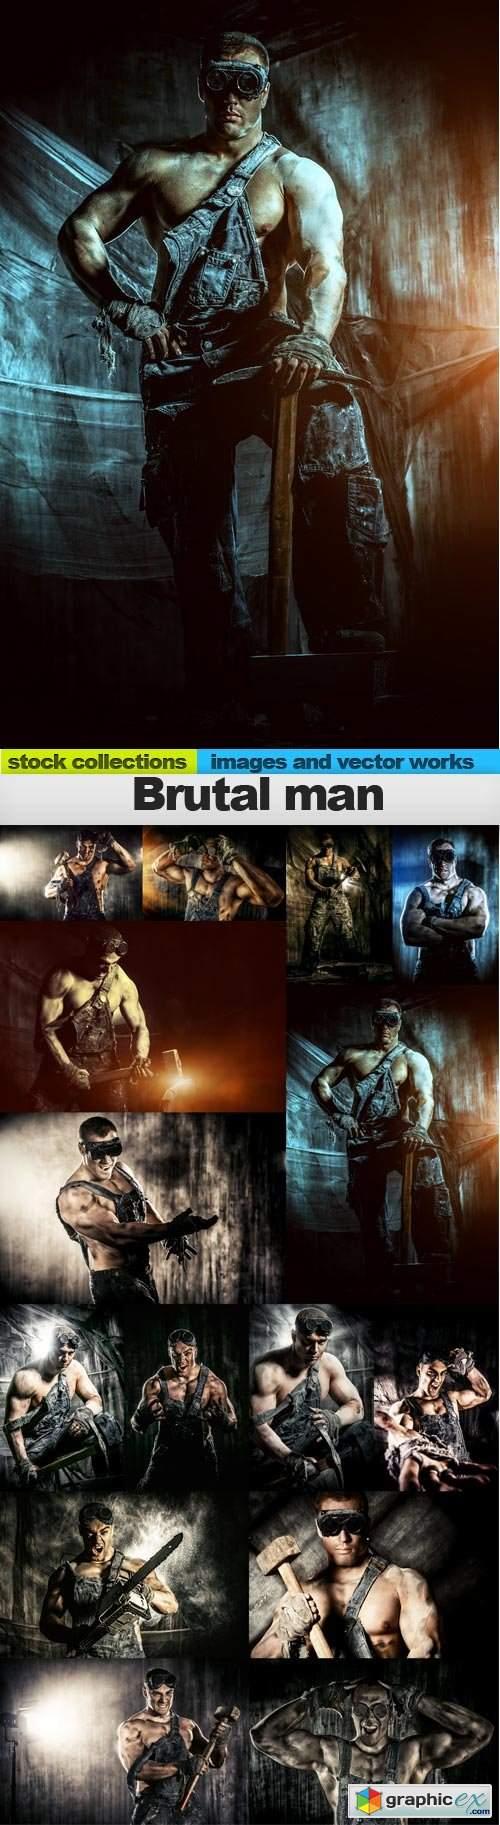 Brutal man, 15 x UHQ JPEG